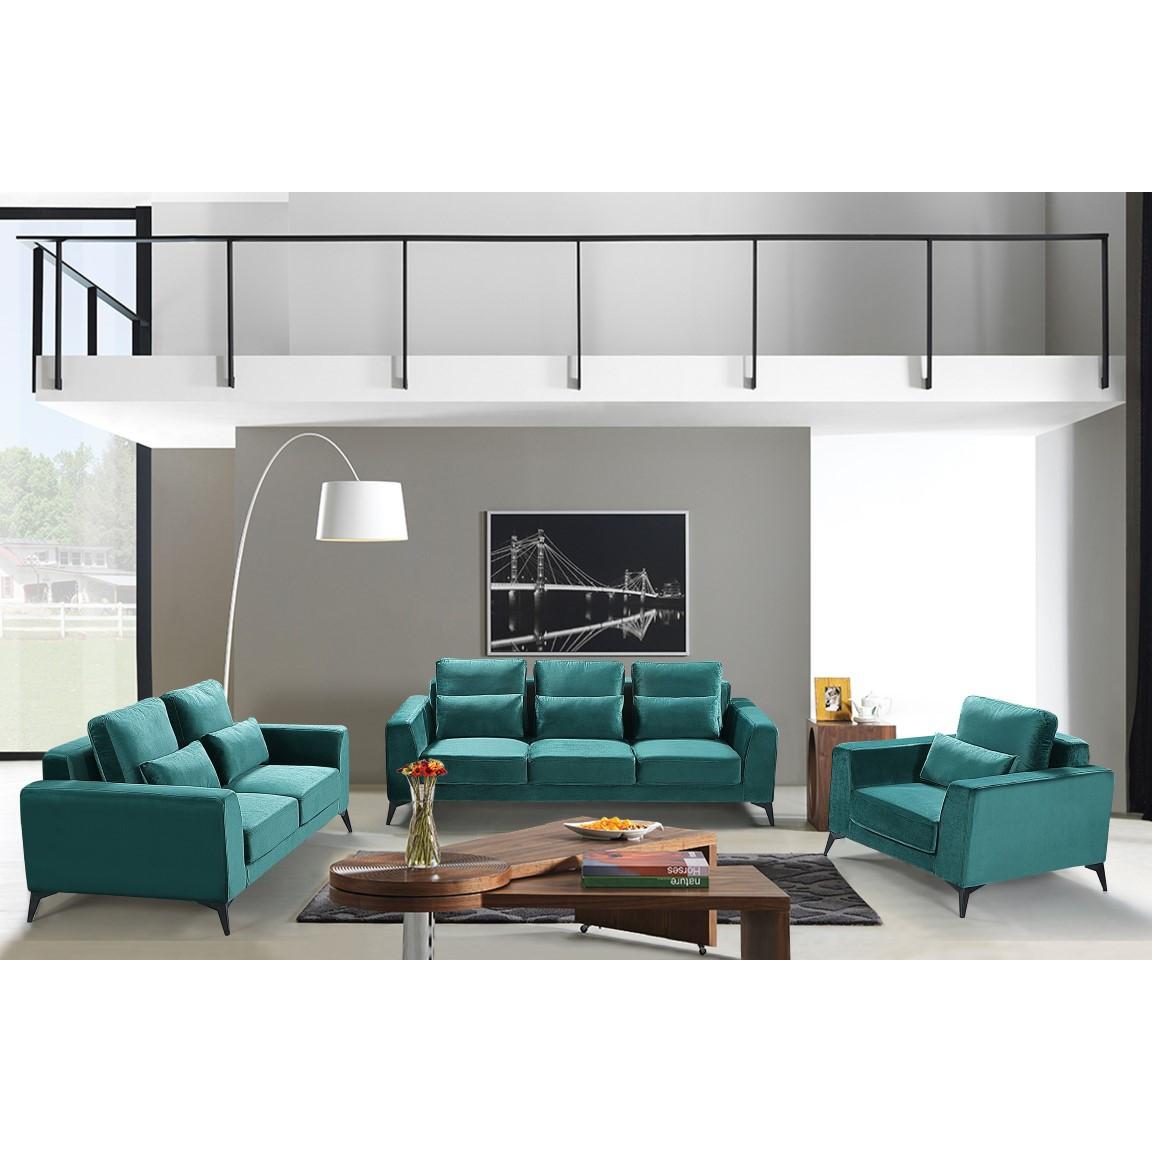 3-Sitzer-Sofa Enjoy 933 | Dunkelgrün